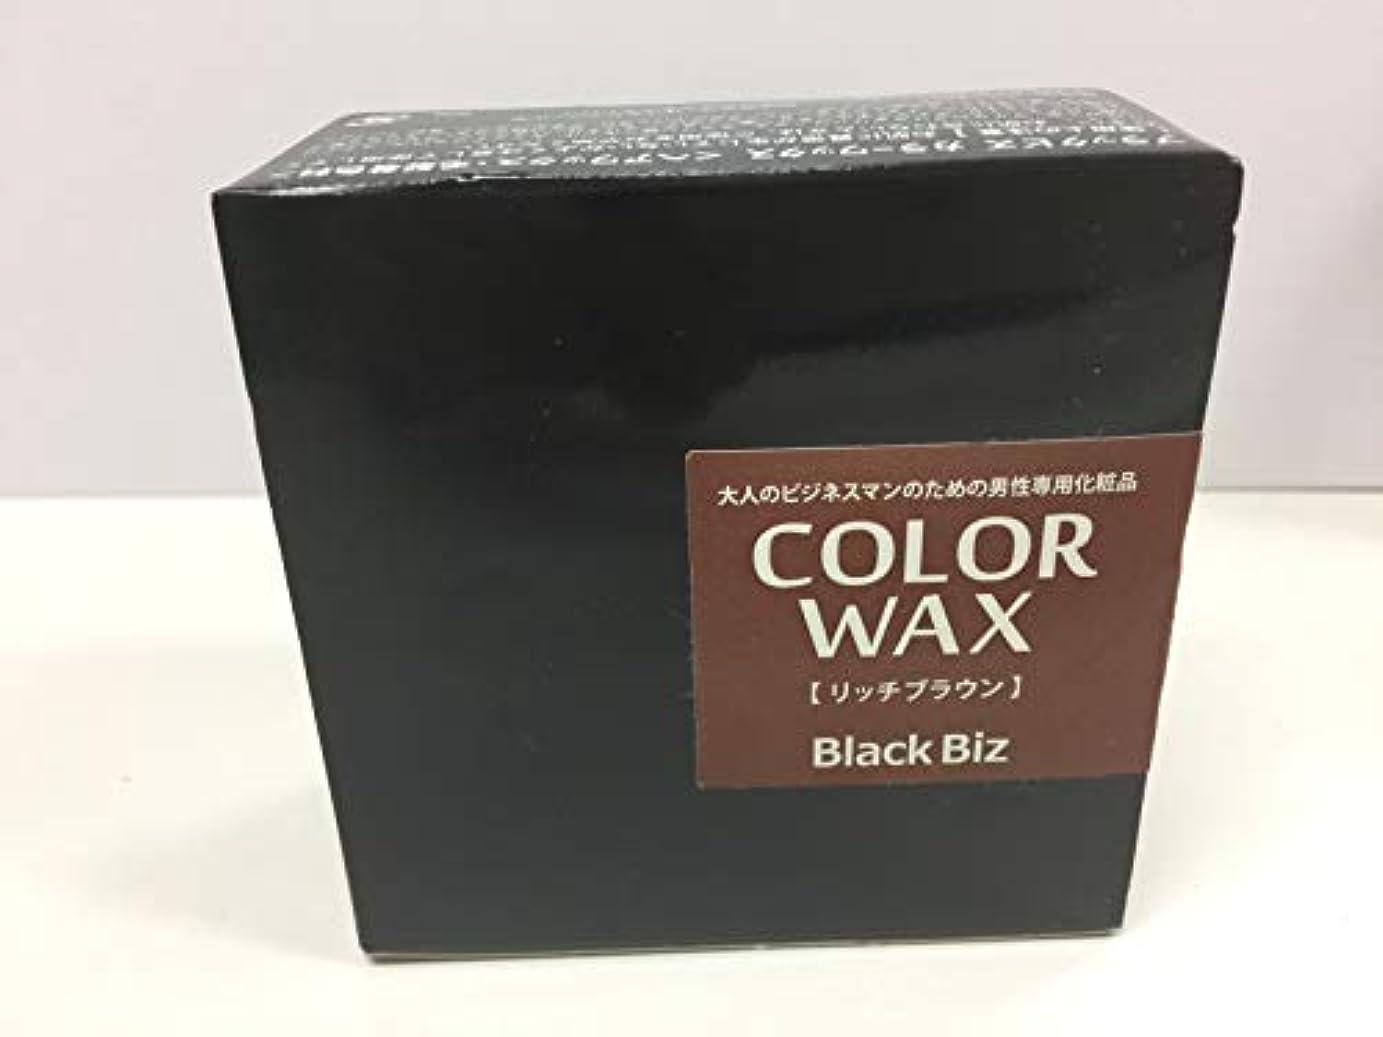 湿地政策アブストラクト大人のビジネスマンのための男性専用化粧品 BlackBiz COLOR WAX ブラックビズ カラーワックス 【リッチブラウン】